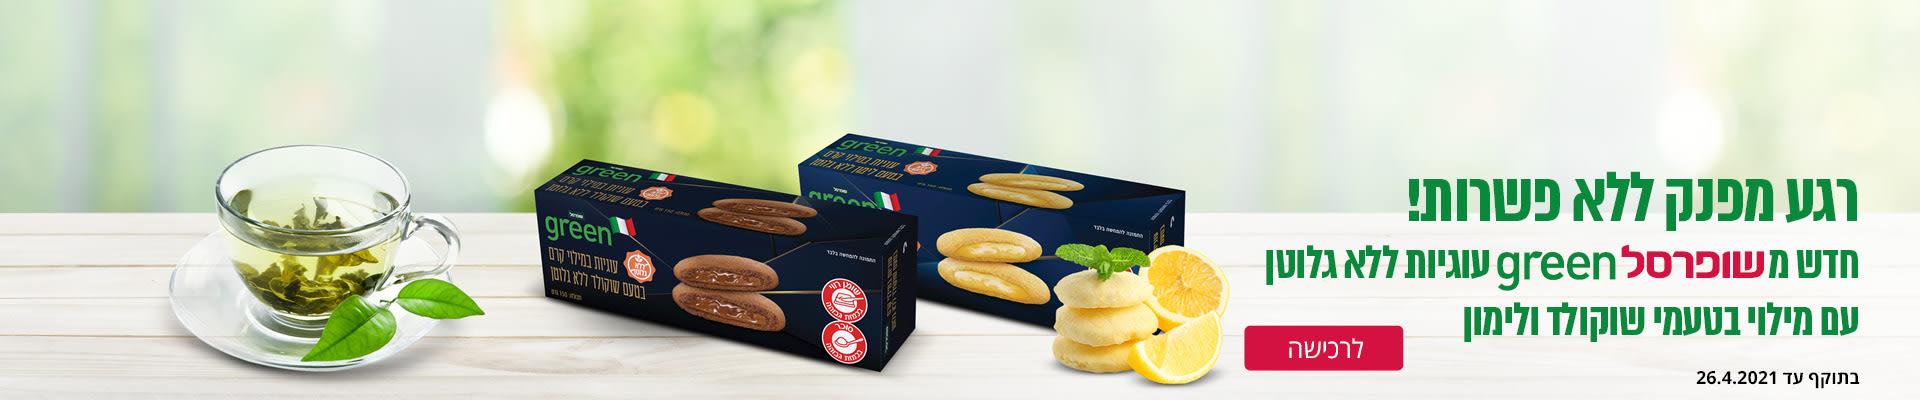 רגע מפנק ללא פשרות! חדש משופרסל GREEN עוגיות ללא גלוטן עם מילוי בטעמי שוקולד ולימון לרכישה בתוקף עד 26.4.2021